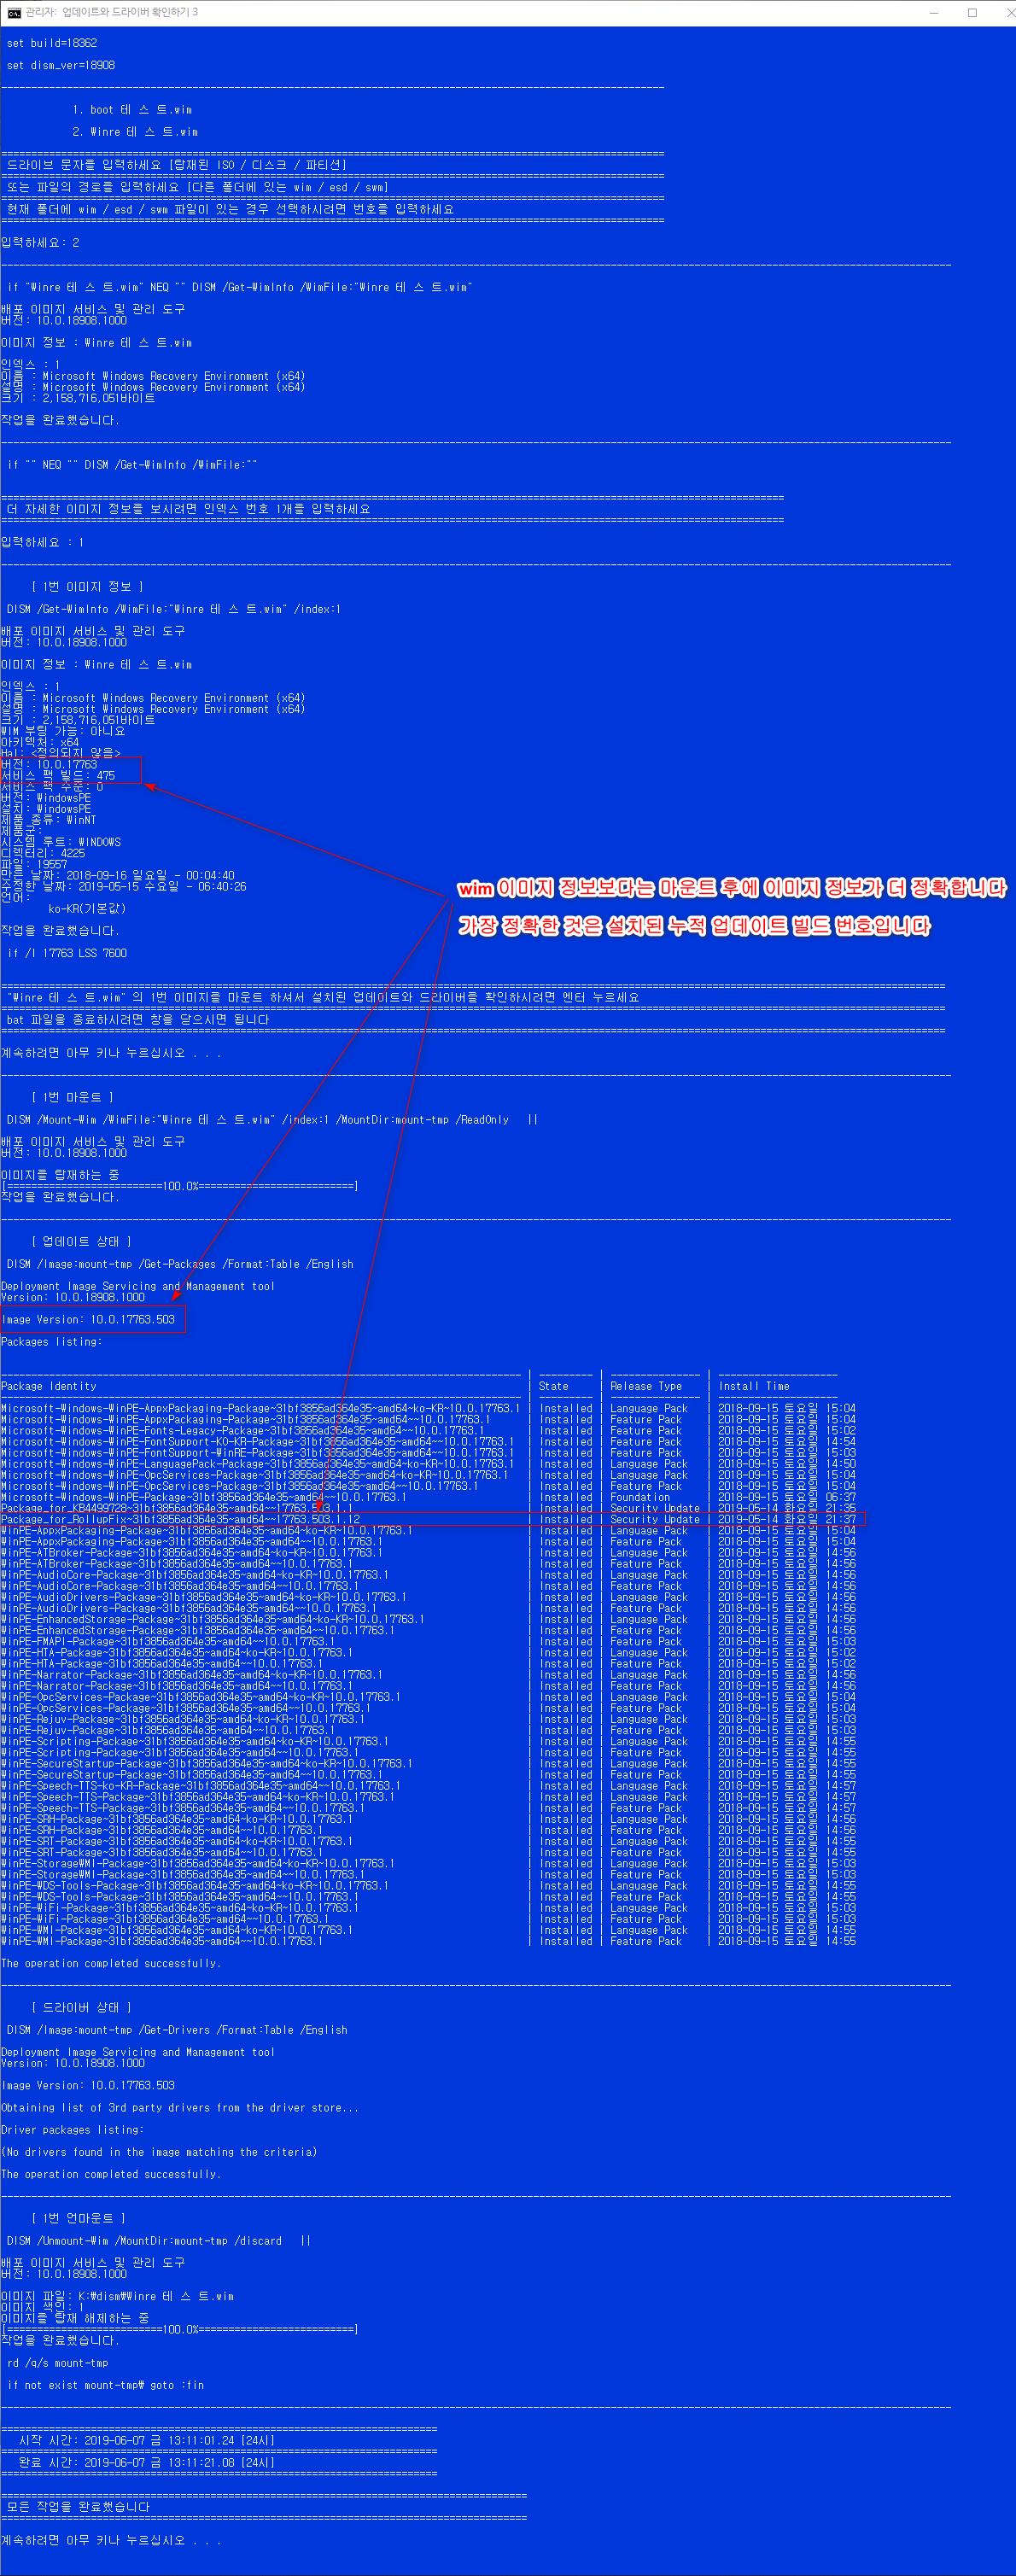 업데이트와 드라이버 확인하기3.bat 테스트 - 현재 폴더에 있는 wim 파일 2019-06-07_131143.png